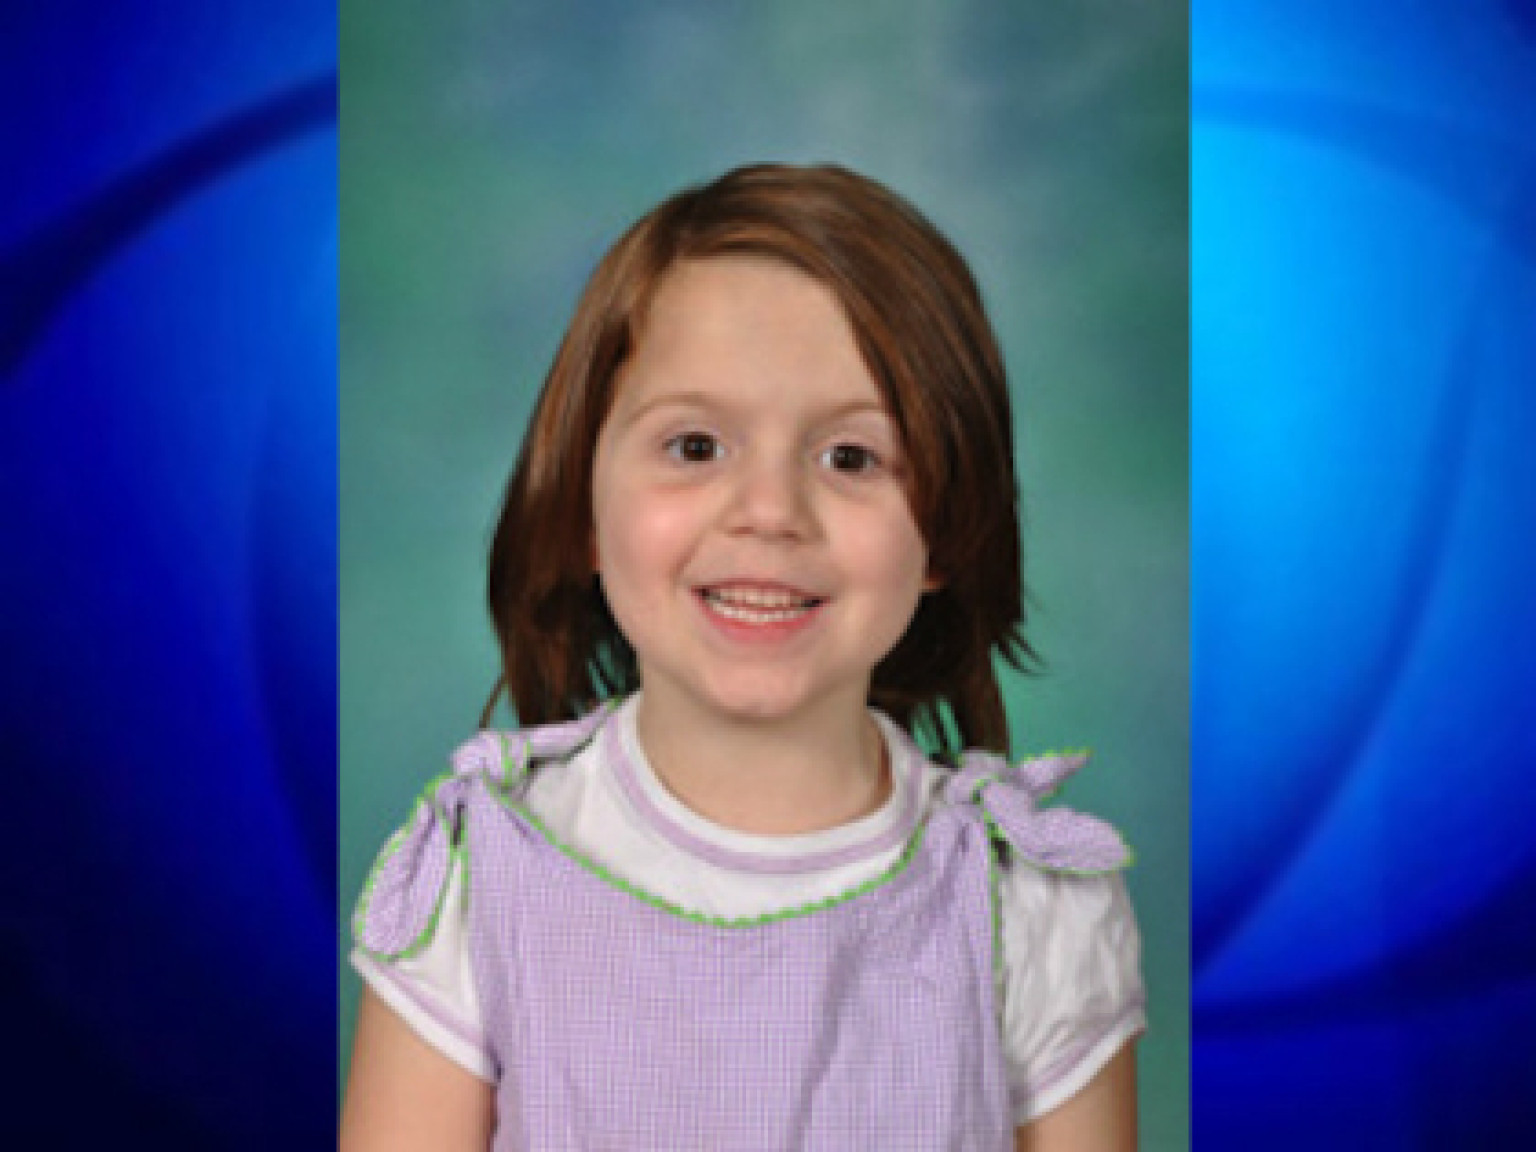 Alanna Gallagher, 6, found dead under tarp in Saginaw, Texas | Daily Mail Online